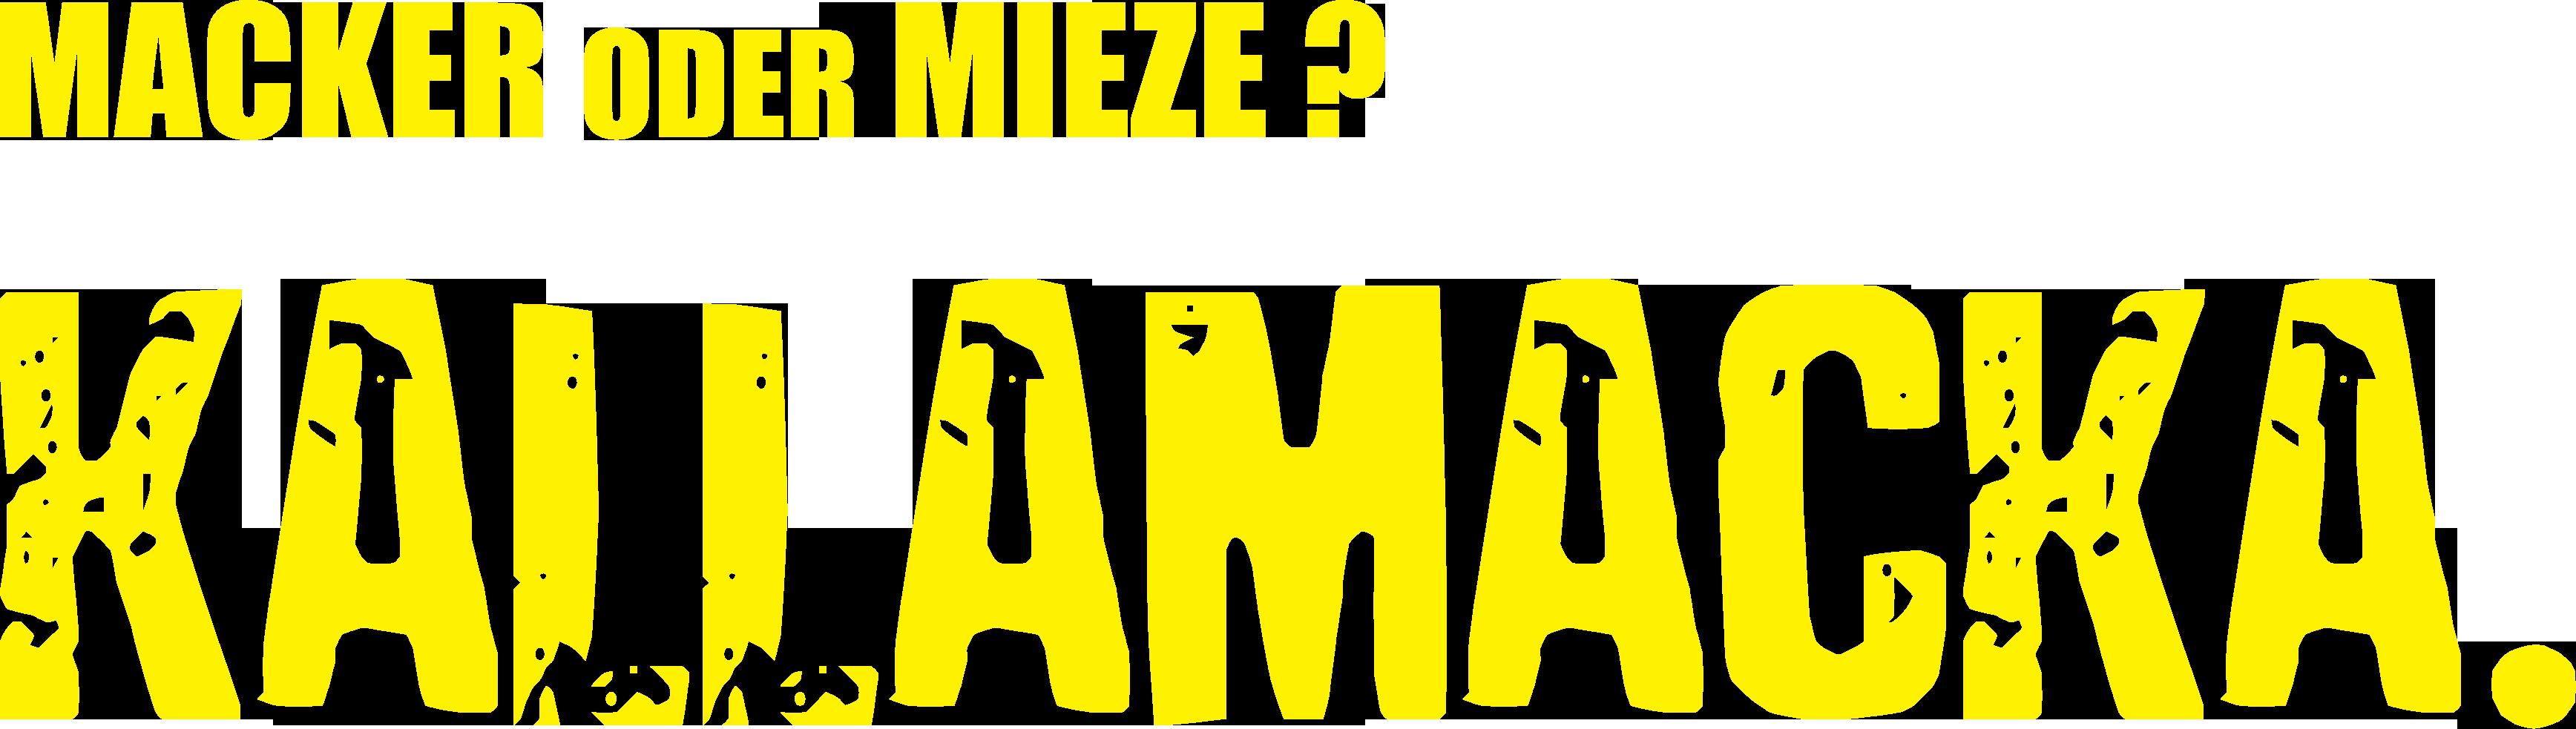 KALLAMACKA